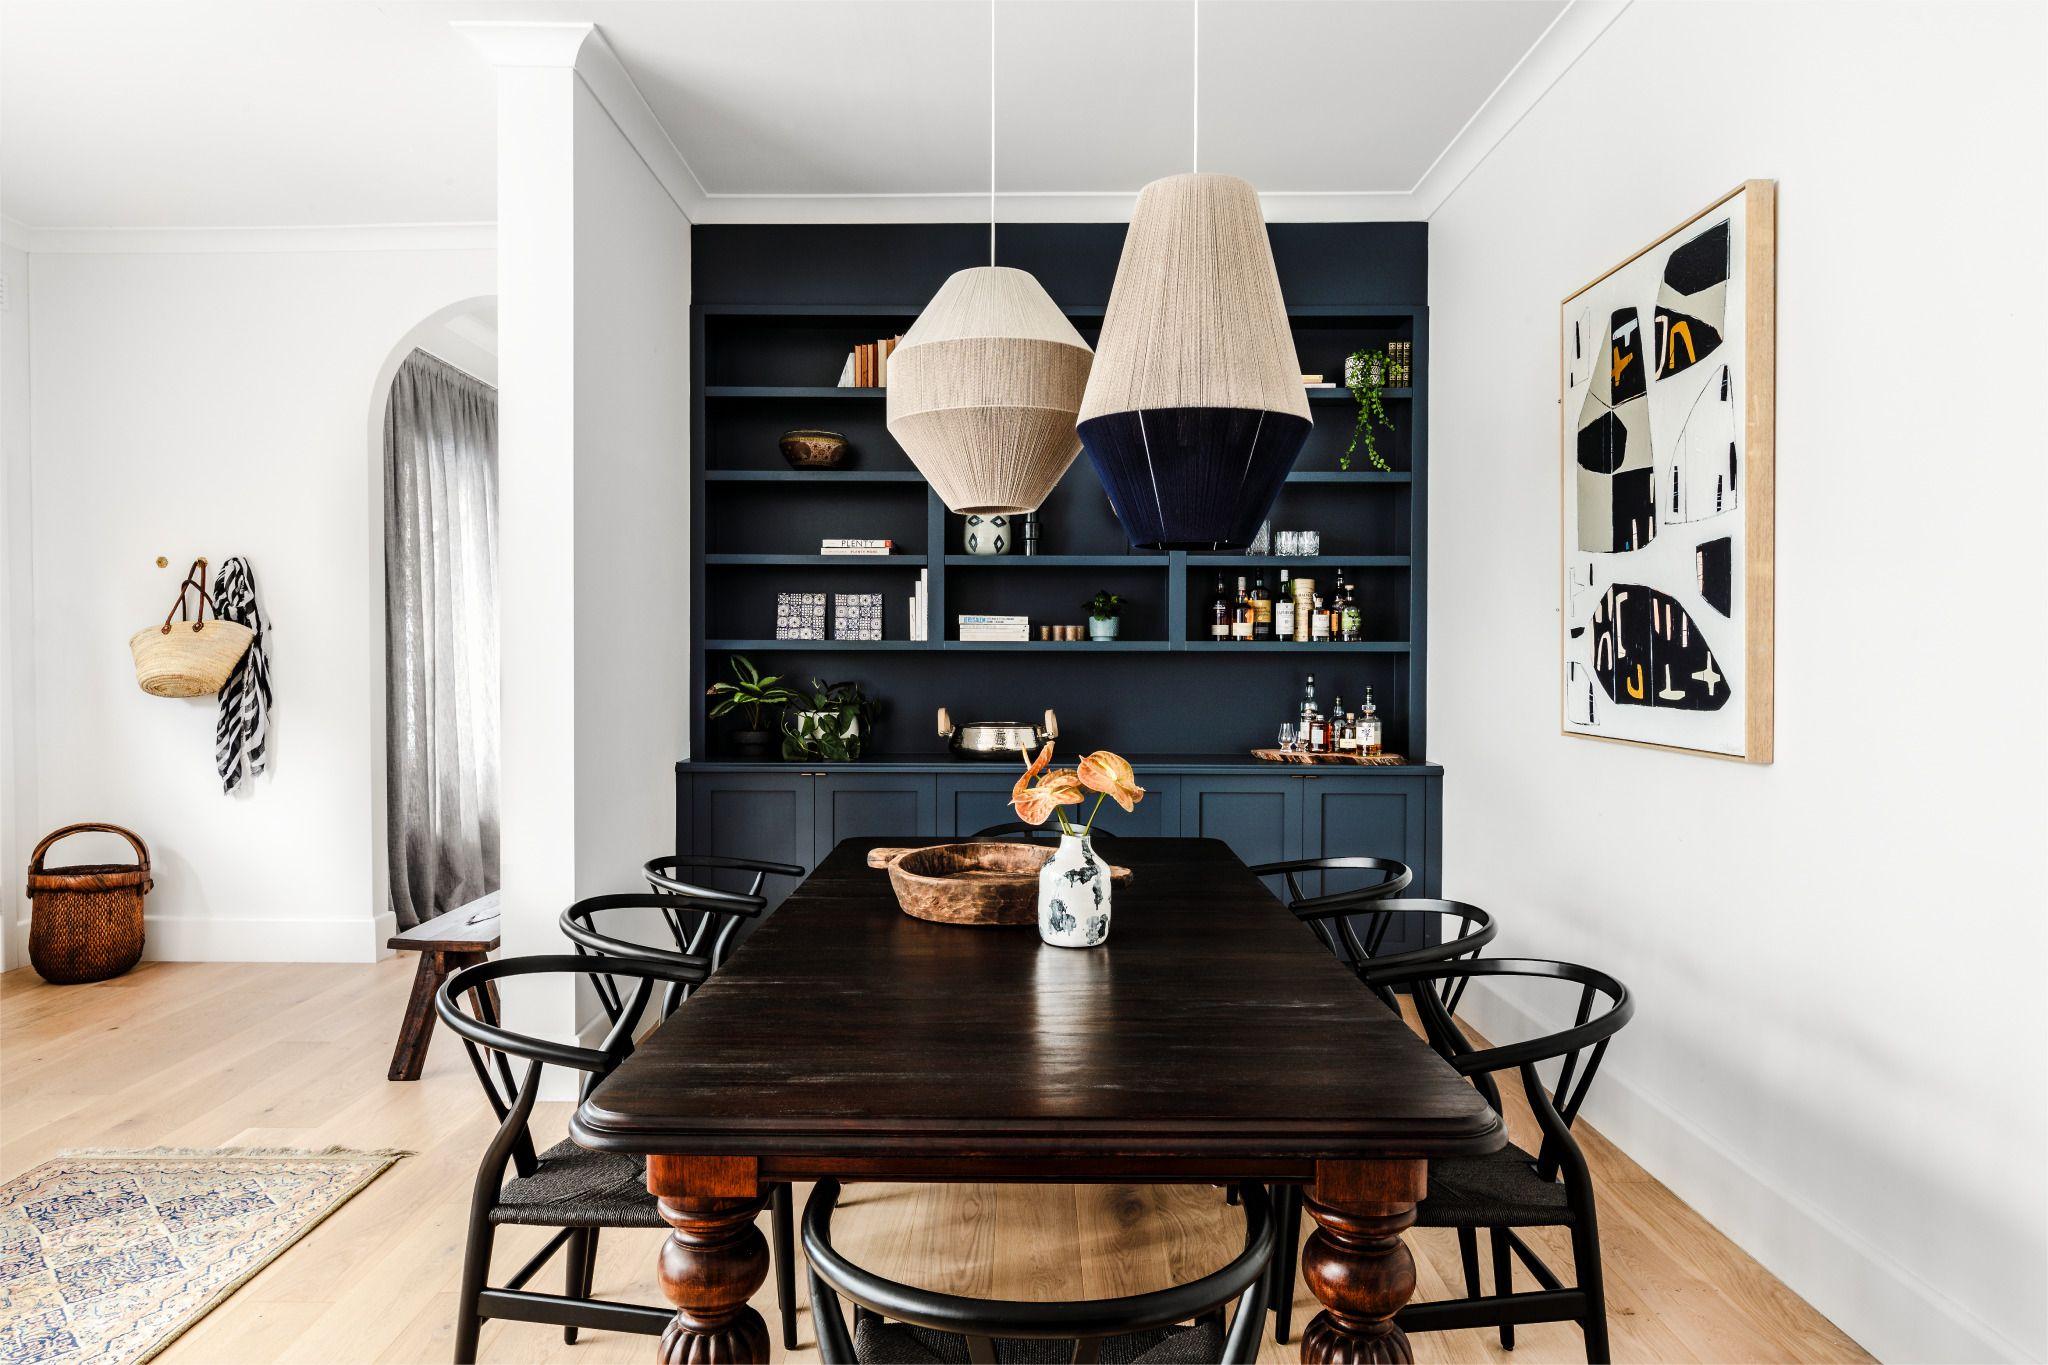 Formale esszimmer wanddekoration malvern home by studio ezra  local bespoke interior design